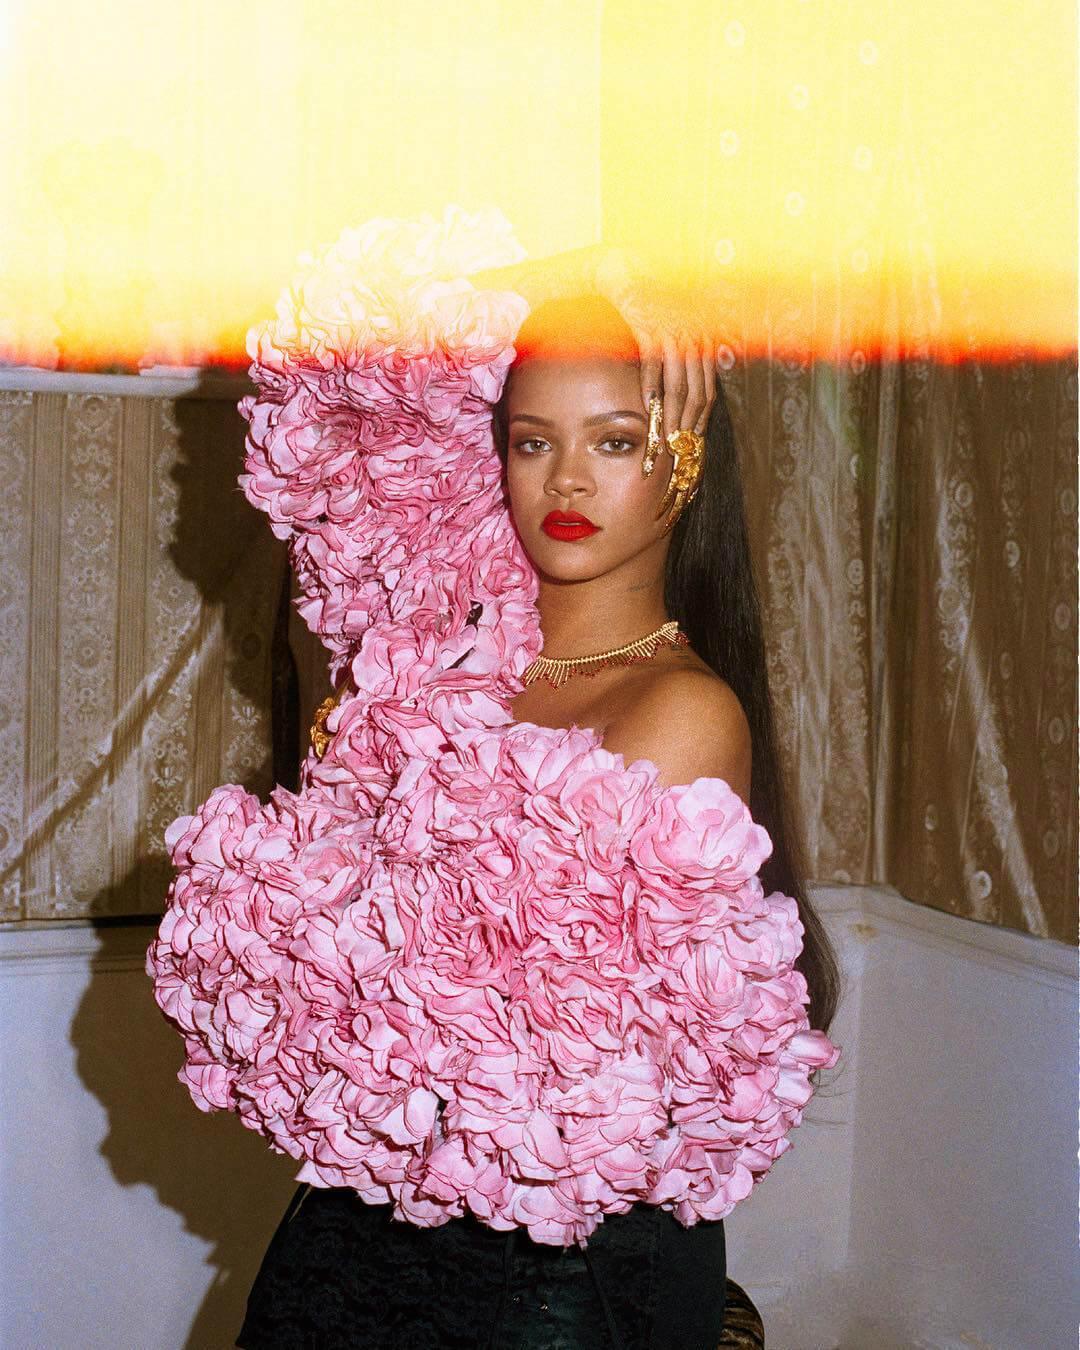 El 2019 suena a Caribe, reggae y dancehall: El nuevo disco de Rihanna ya está listo